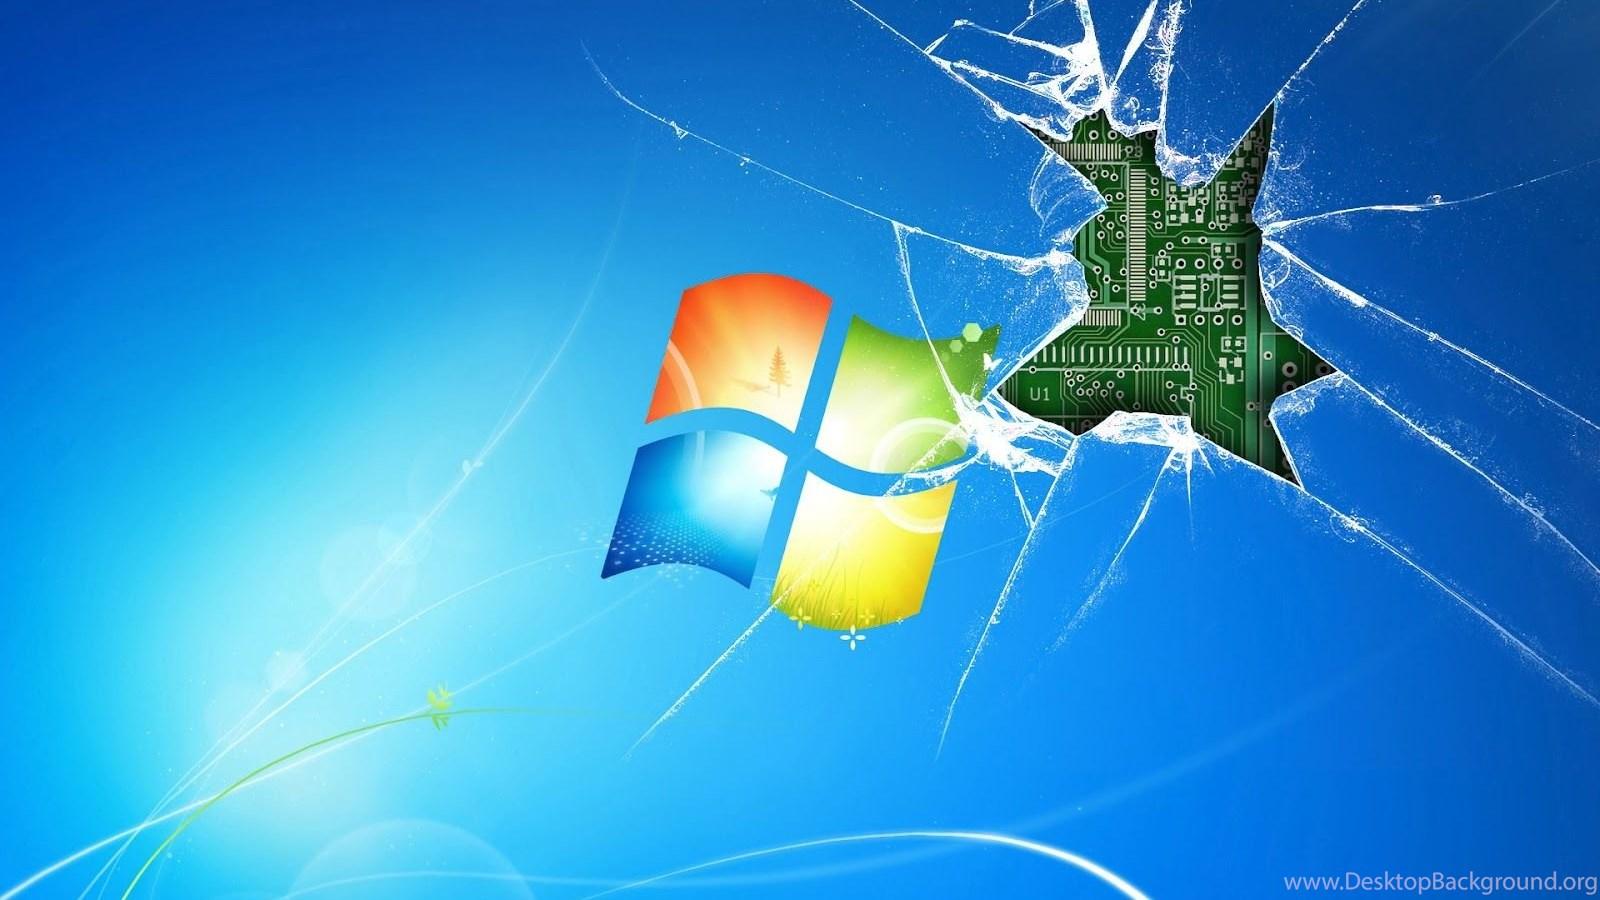 download 100 wallpapers windows 7 hd gratis desktop background